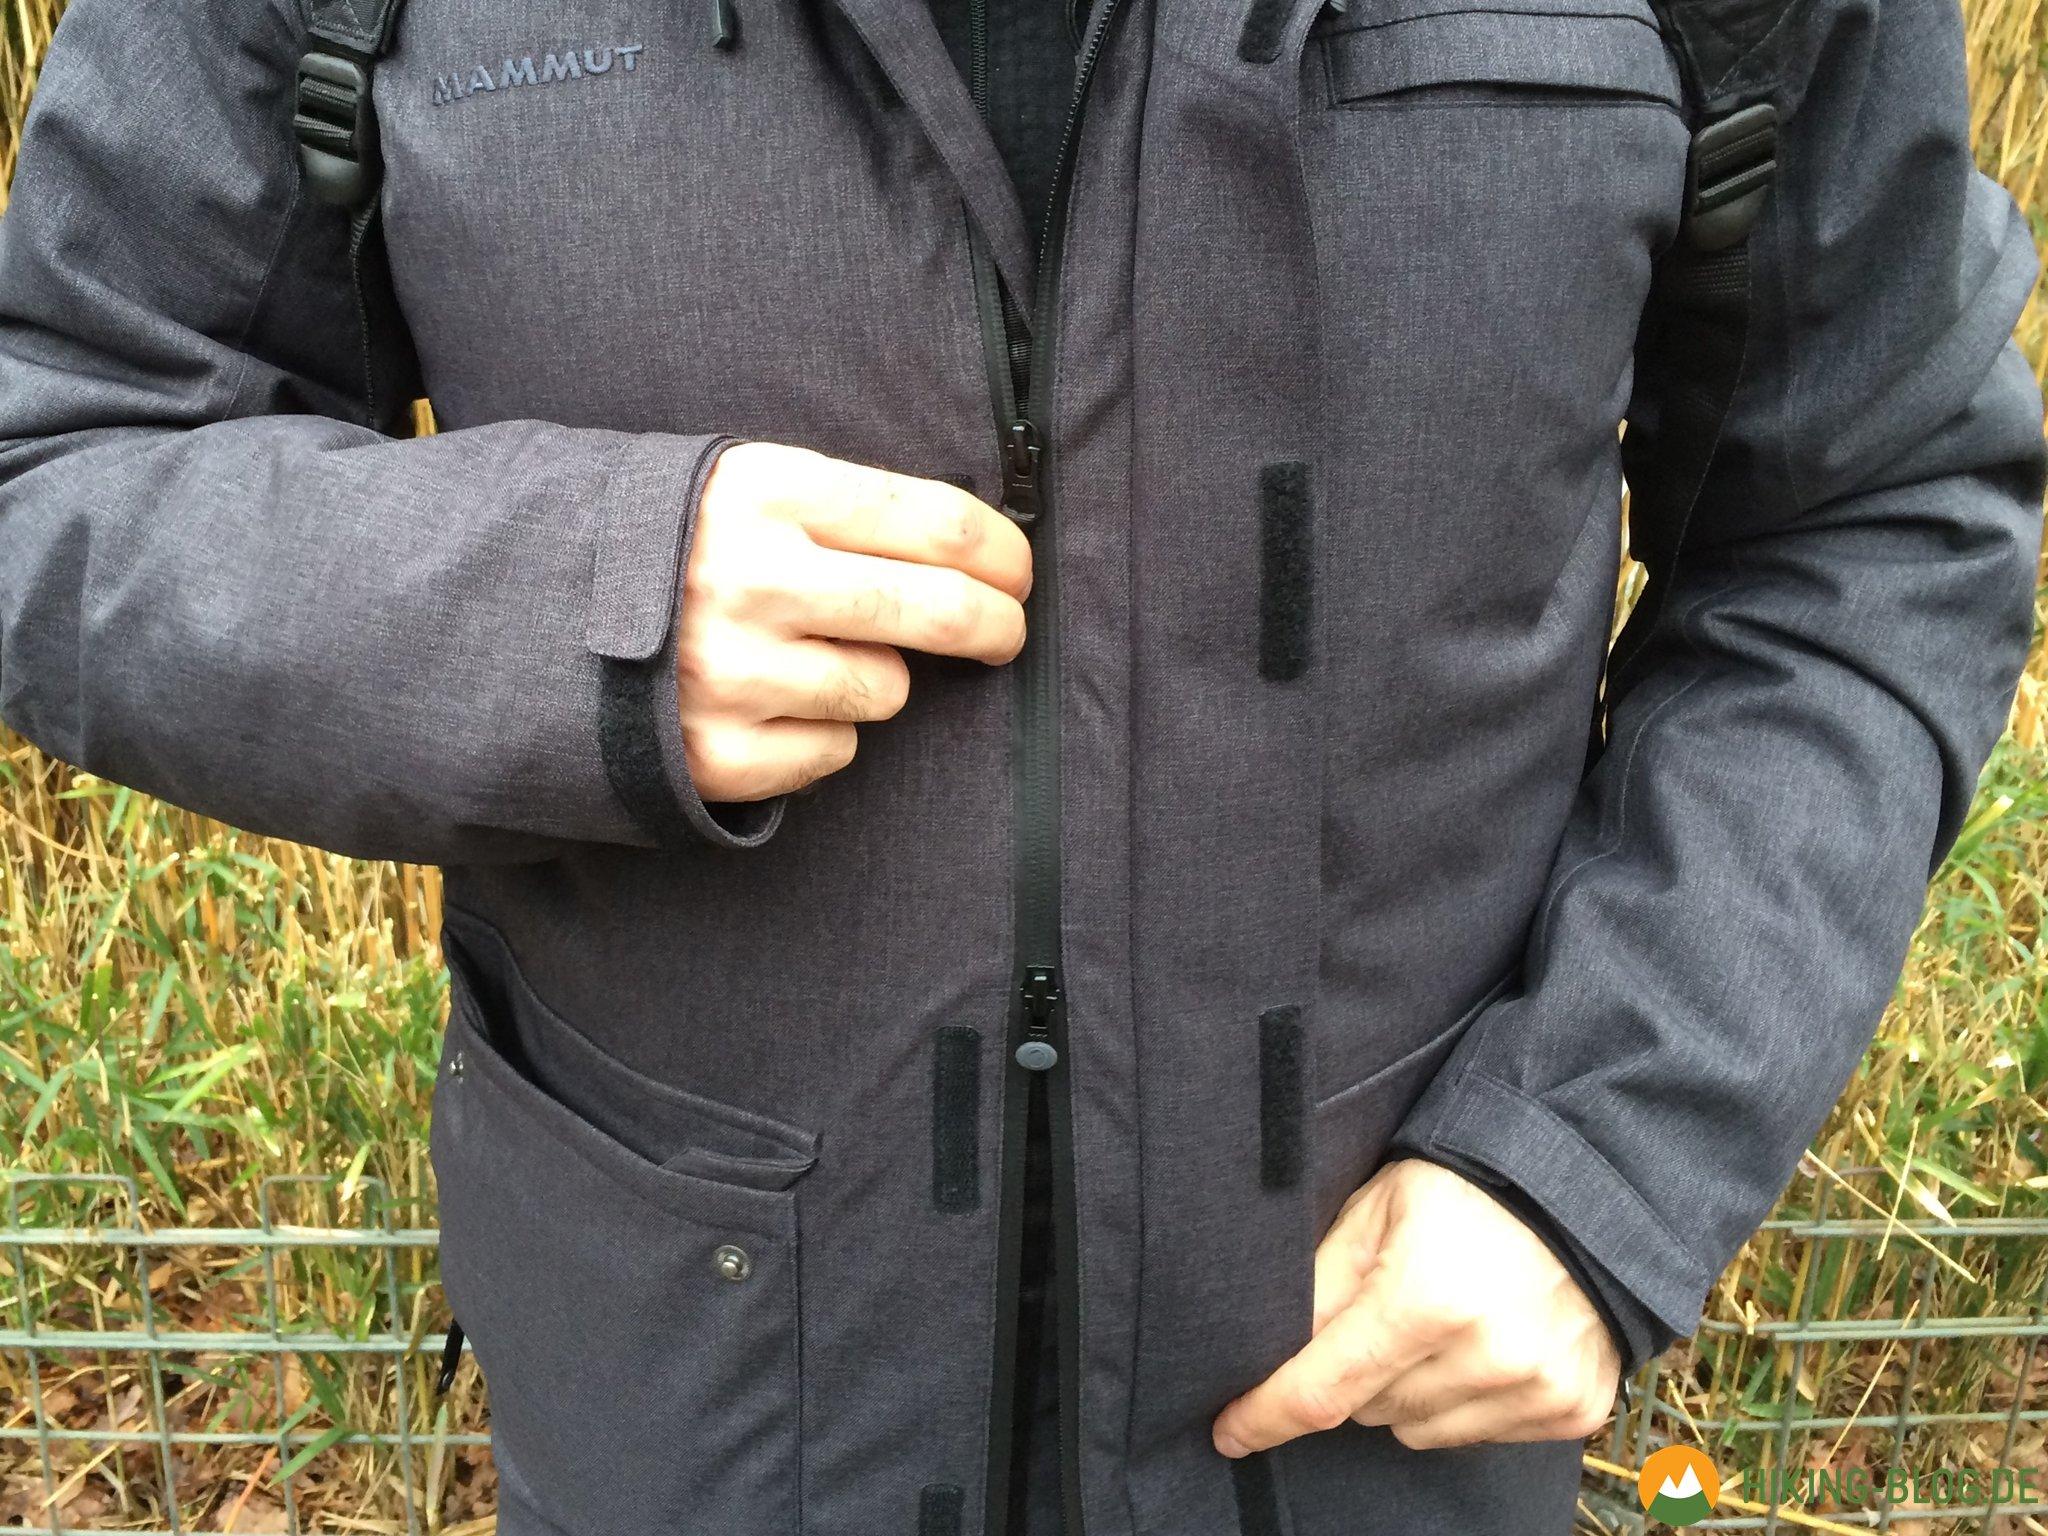 new concept a3f74 a5cdd Praxistest: Mammut Trovat HS Parka - Hiking Blog